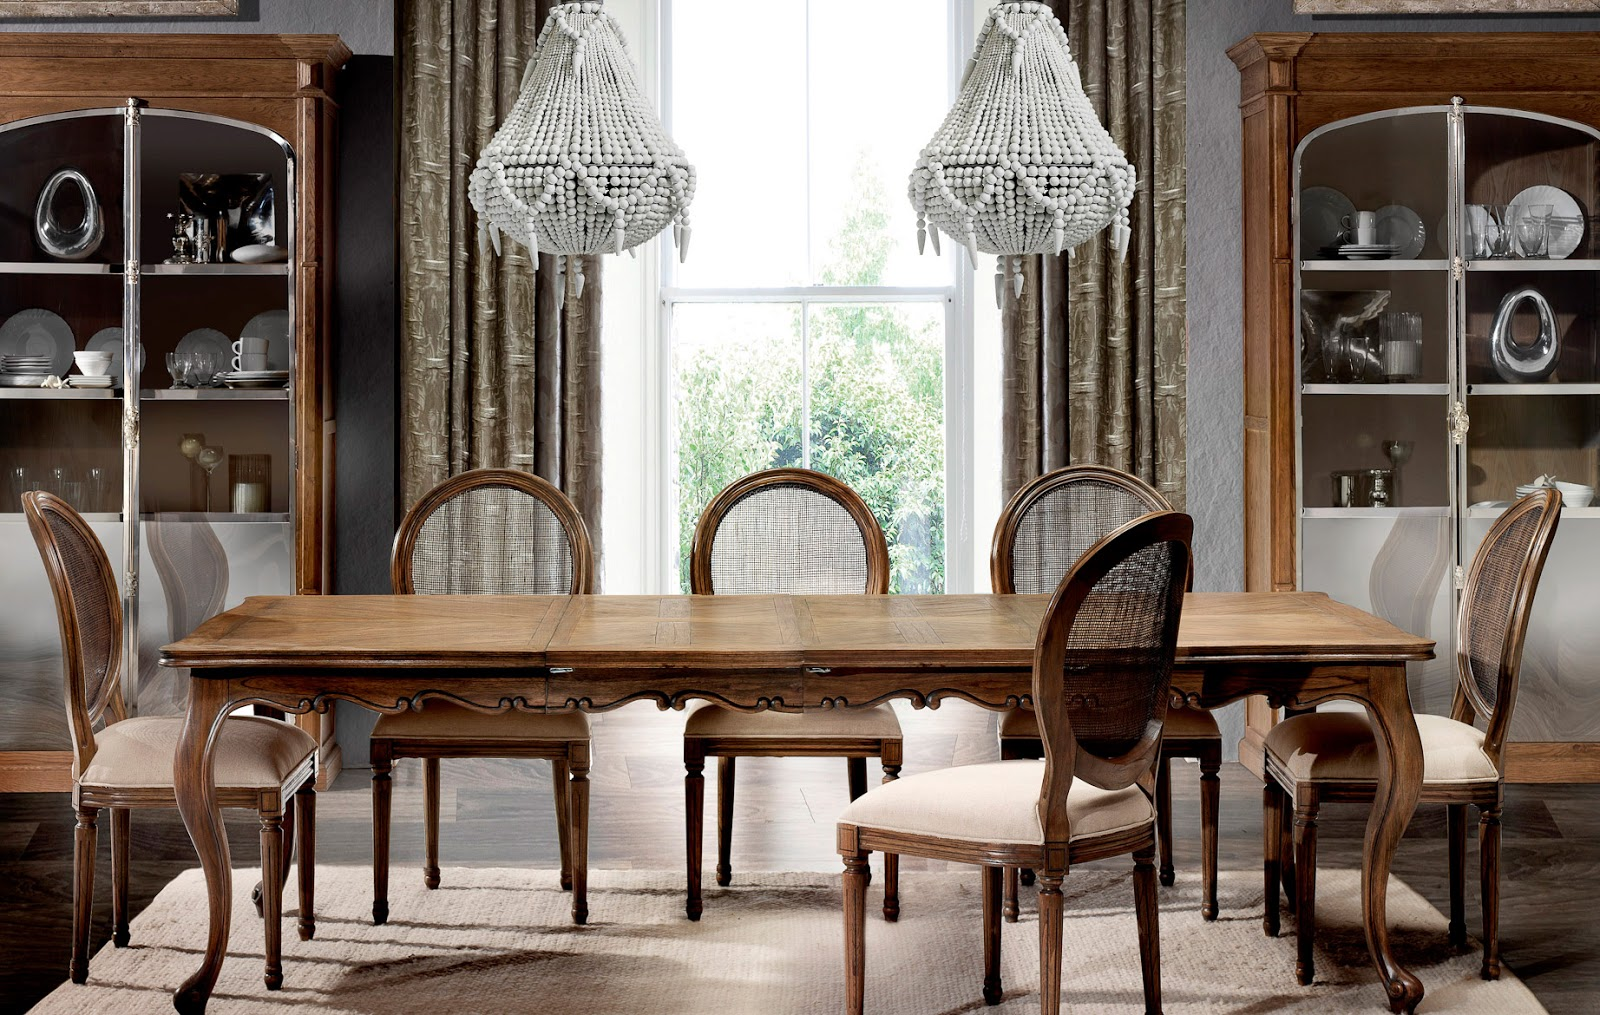 Muebles de comedor comedores clasicos ejemplo de elegancia for Muebles comedor madera